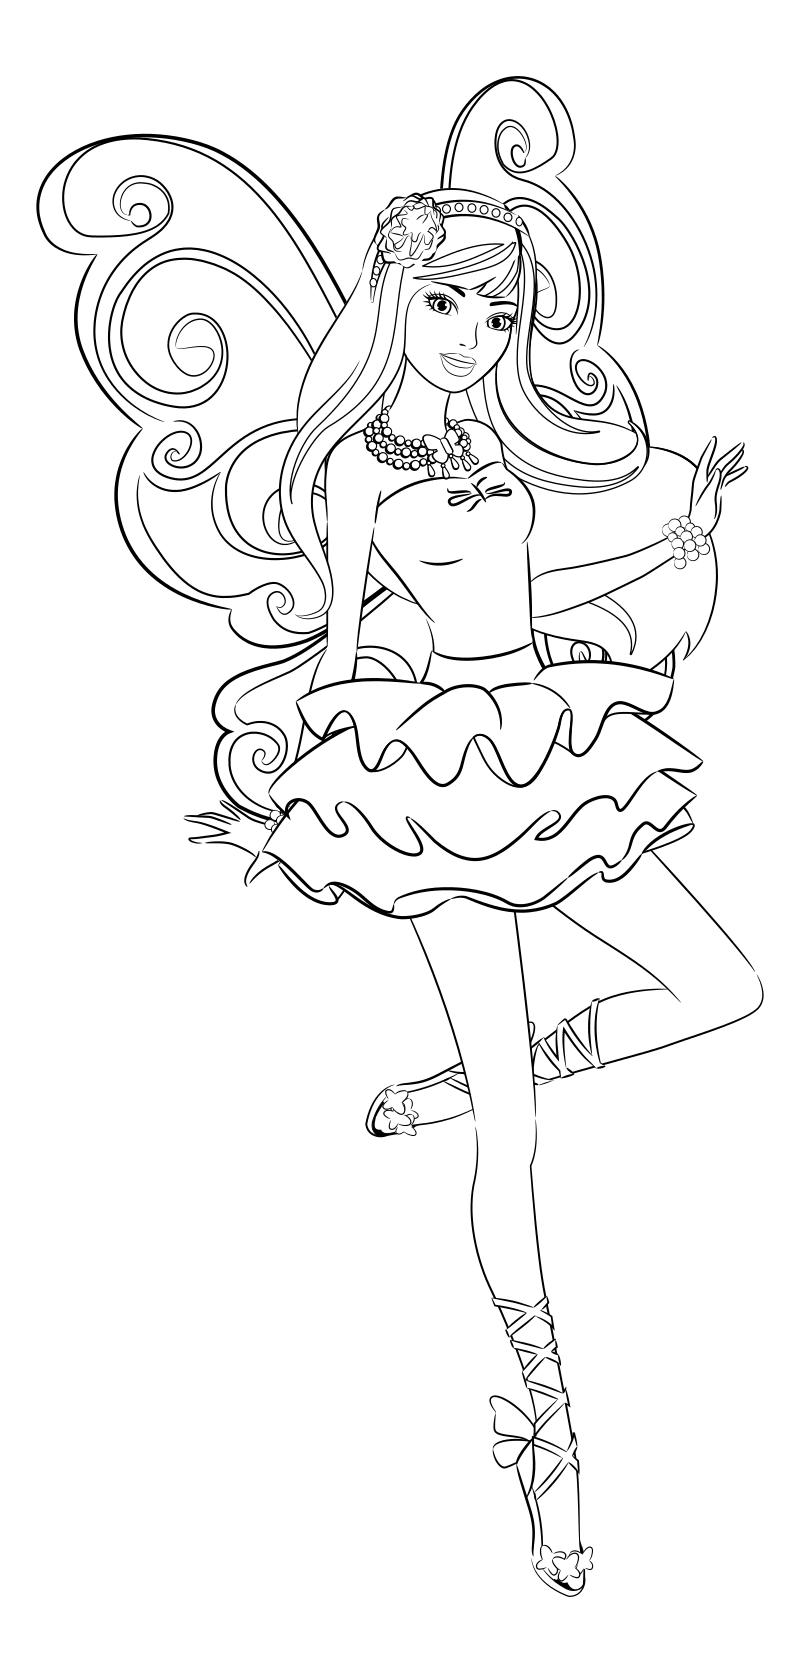 Раскраска - Барби - Барби - блестящая фея | MirChild